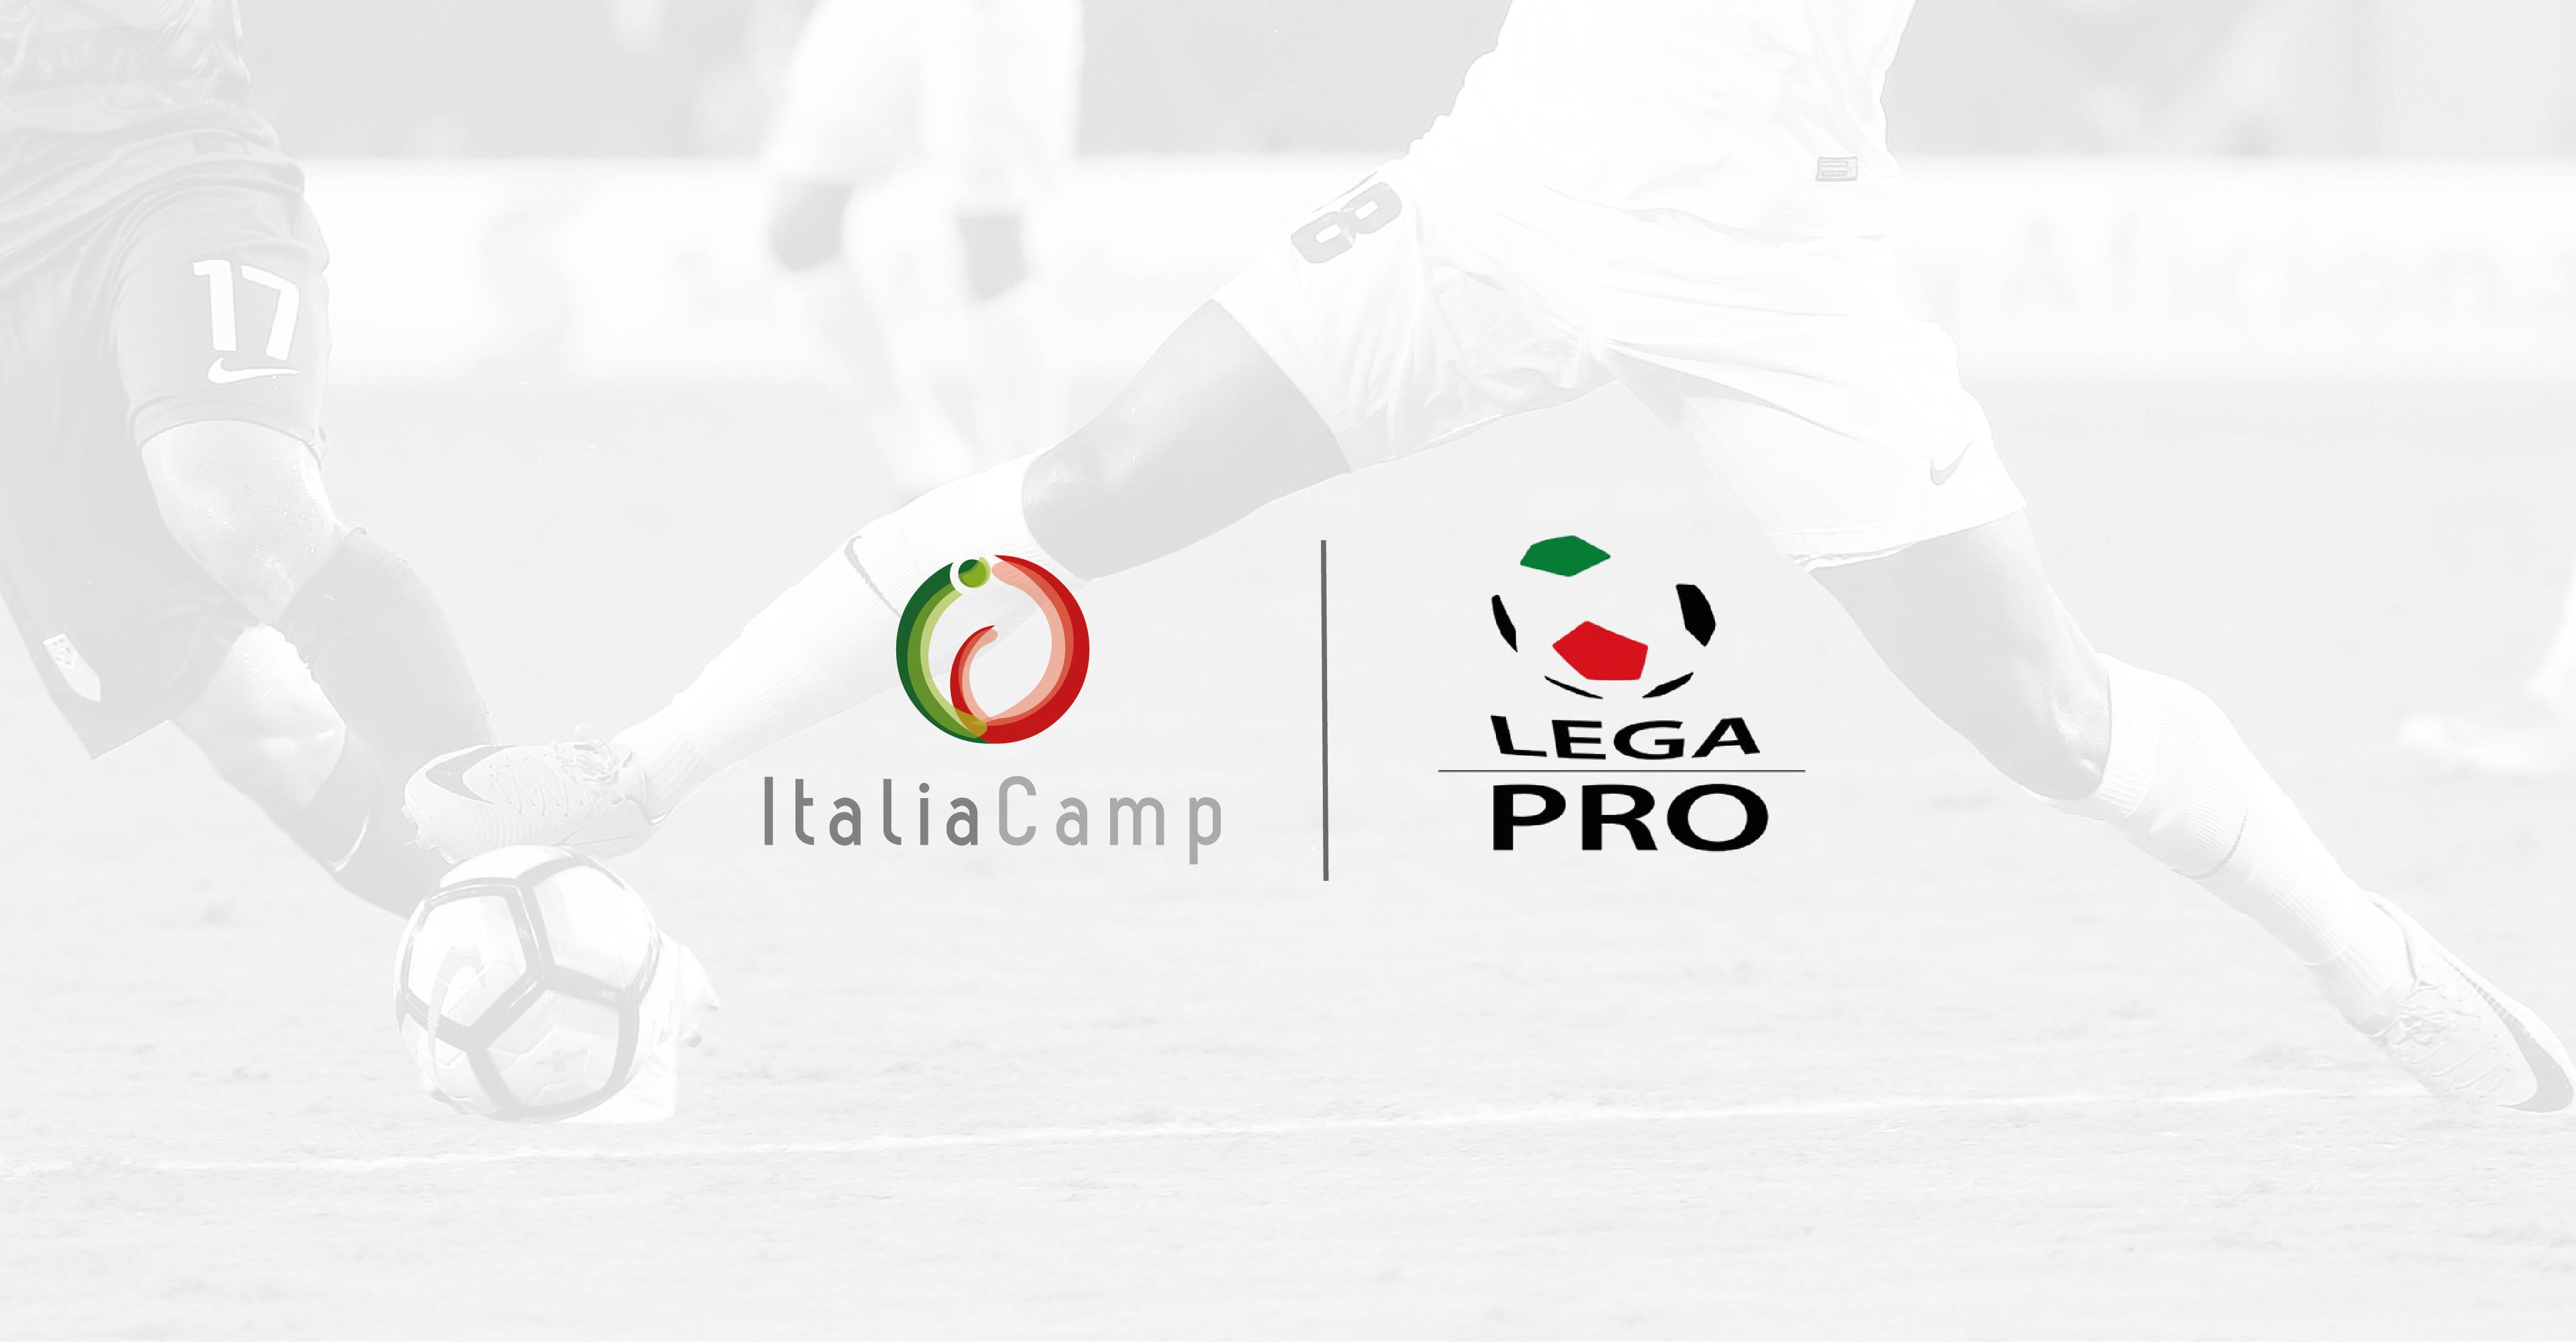 ItaliaCamp e Lega Pro per misurare l'impatto sociale del calcio